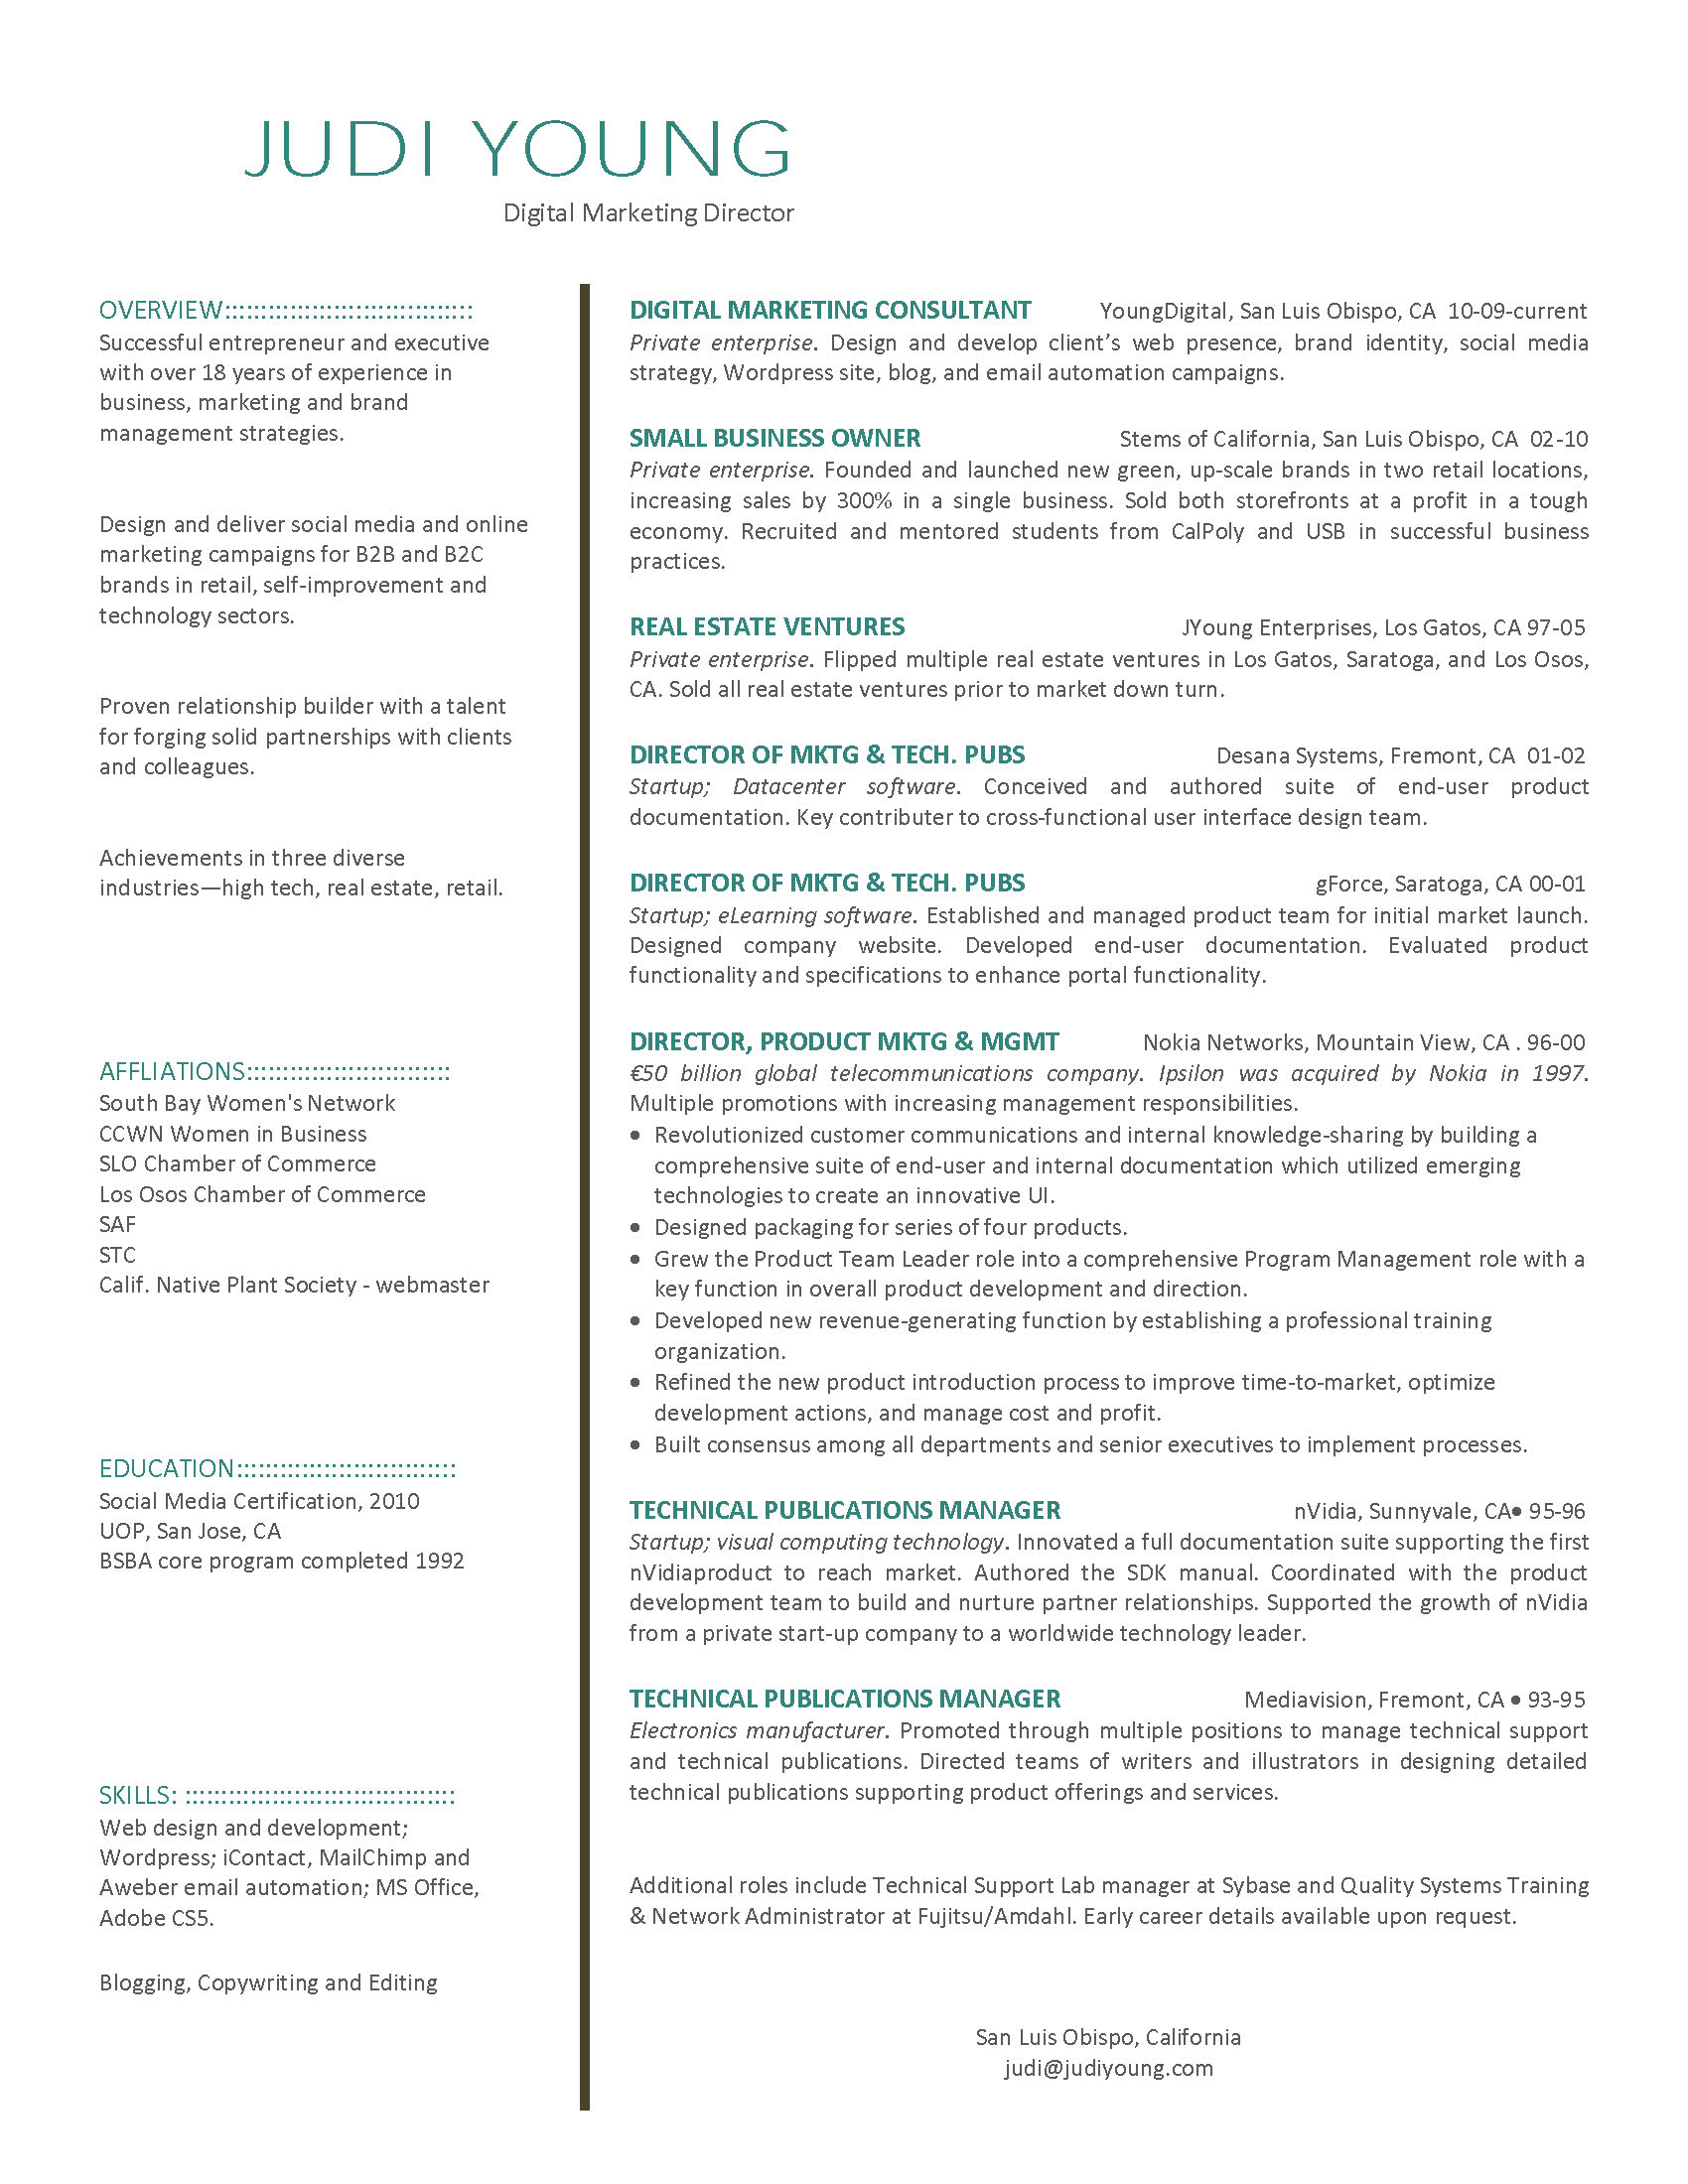 Enterprise Risk Management Research Paper Starter